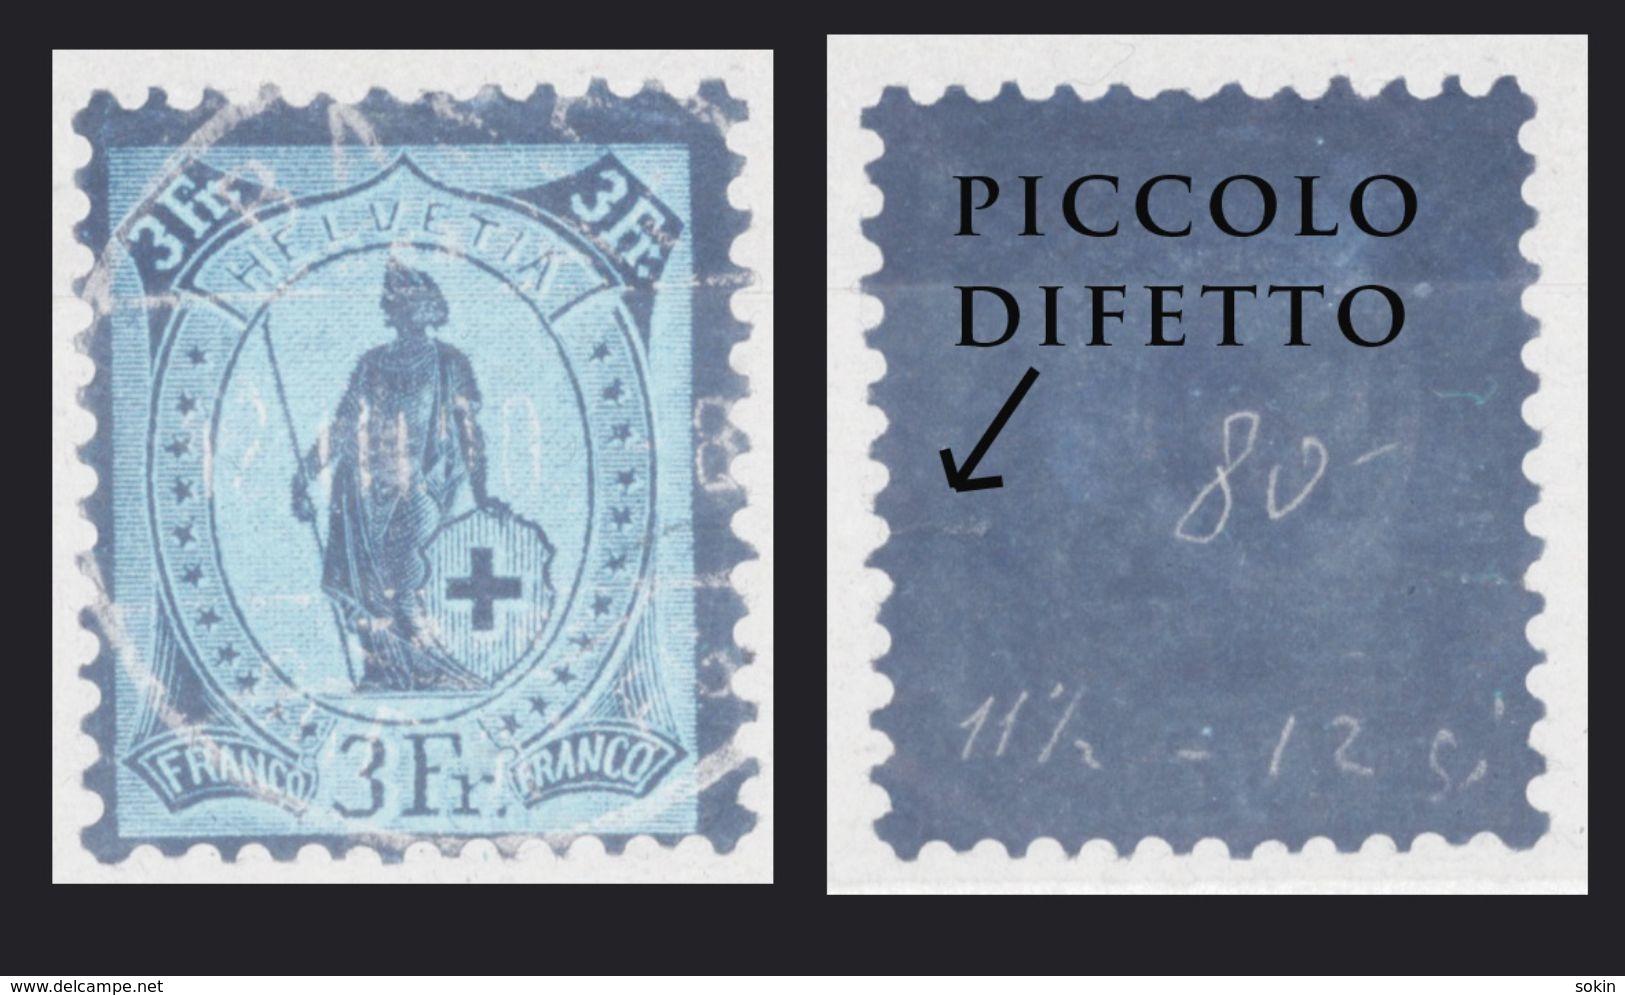 SVIZZERA - HELVETIA - (Vedere Fotografia) (See Photo) Lotto - 1882-99 - 3Fgranita Perf.11½x12 Rarità - 1882-1906 Stemmi, Helvetia Verticalmente & UPU